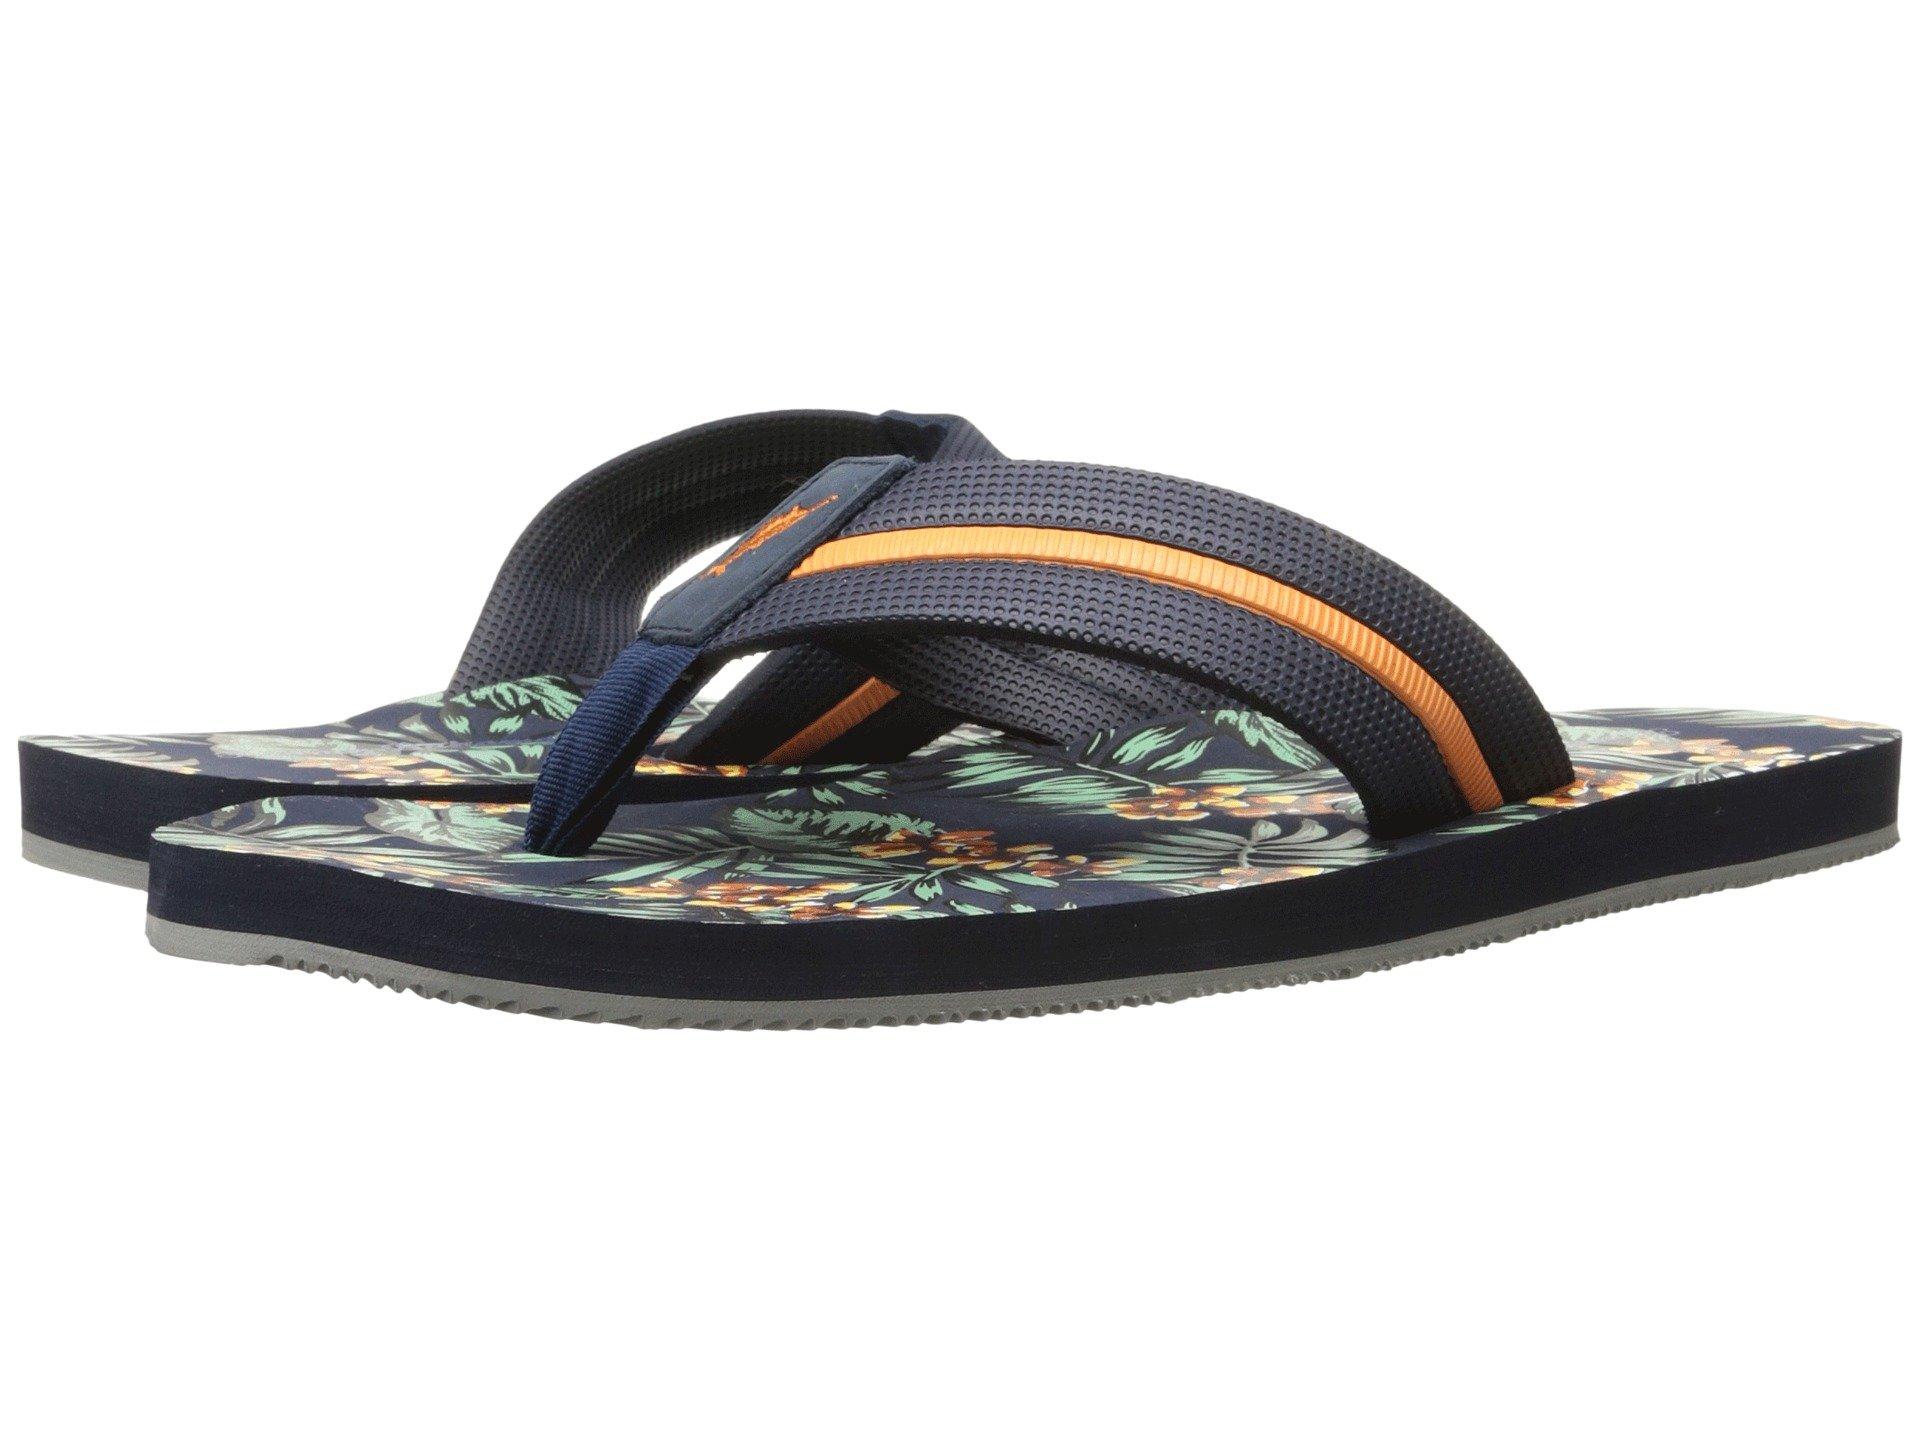 6c1b6f26a193a Tommy Bahama Mens Taheeti Print Ocean Depth Flip Flop Sandals